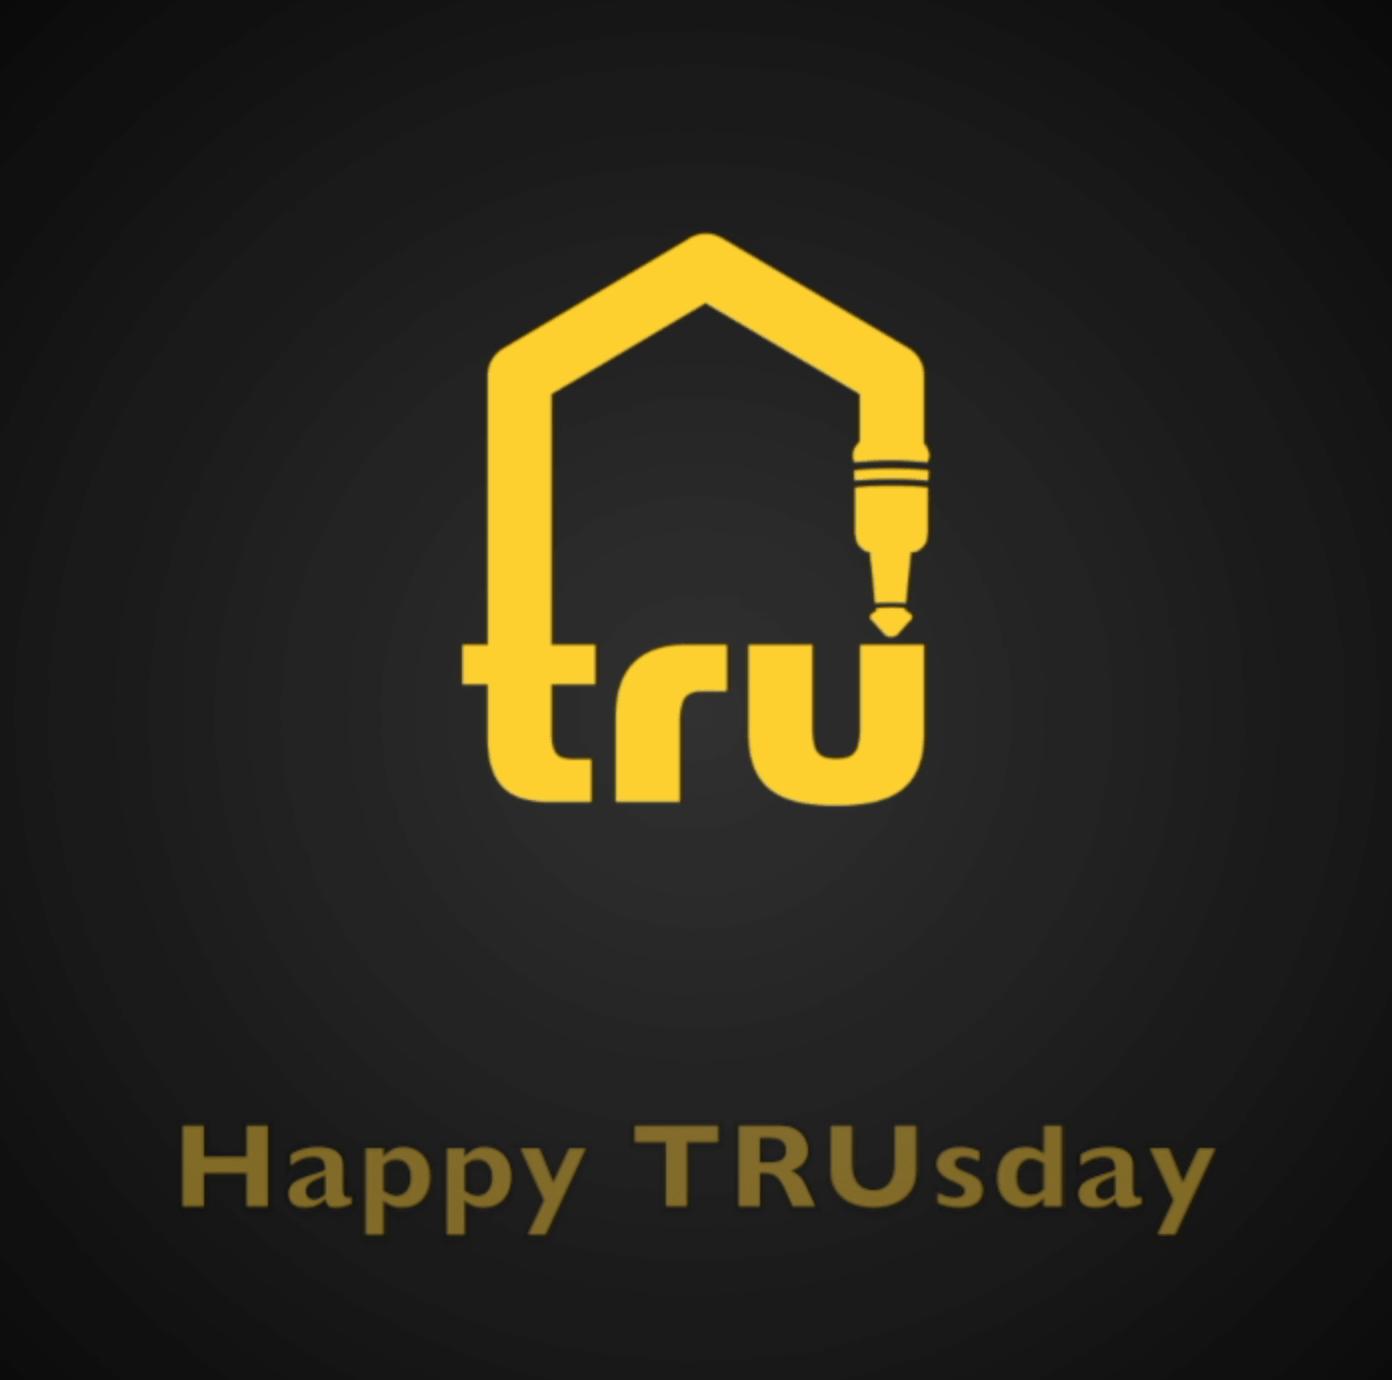 Happy TRUsday – Feb 26, 2019